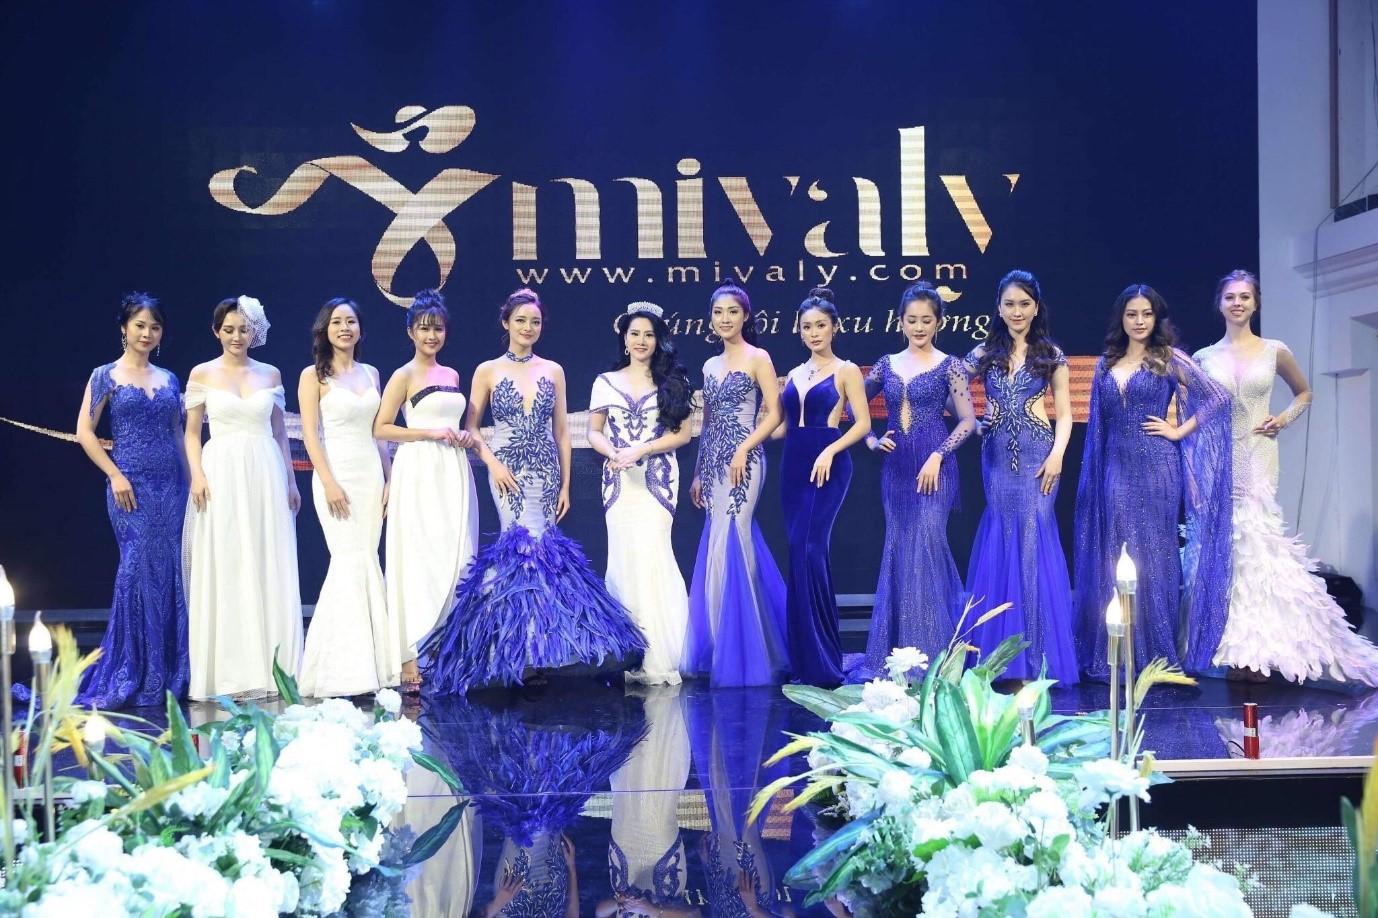 Nhà thiết kế Nguyễn Thị Bích Vân -  người định hình phong cách thời trang từ MiVaLy